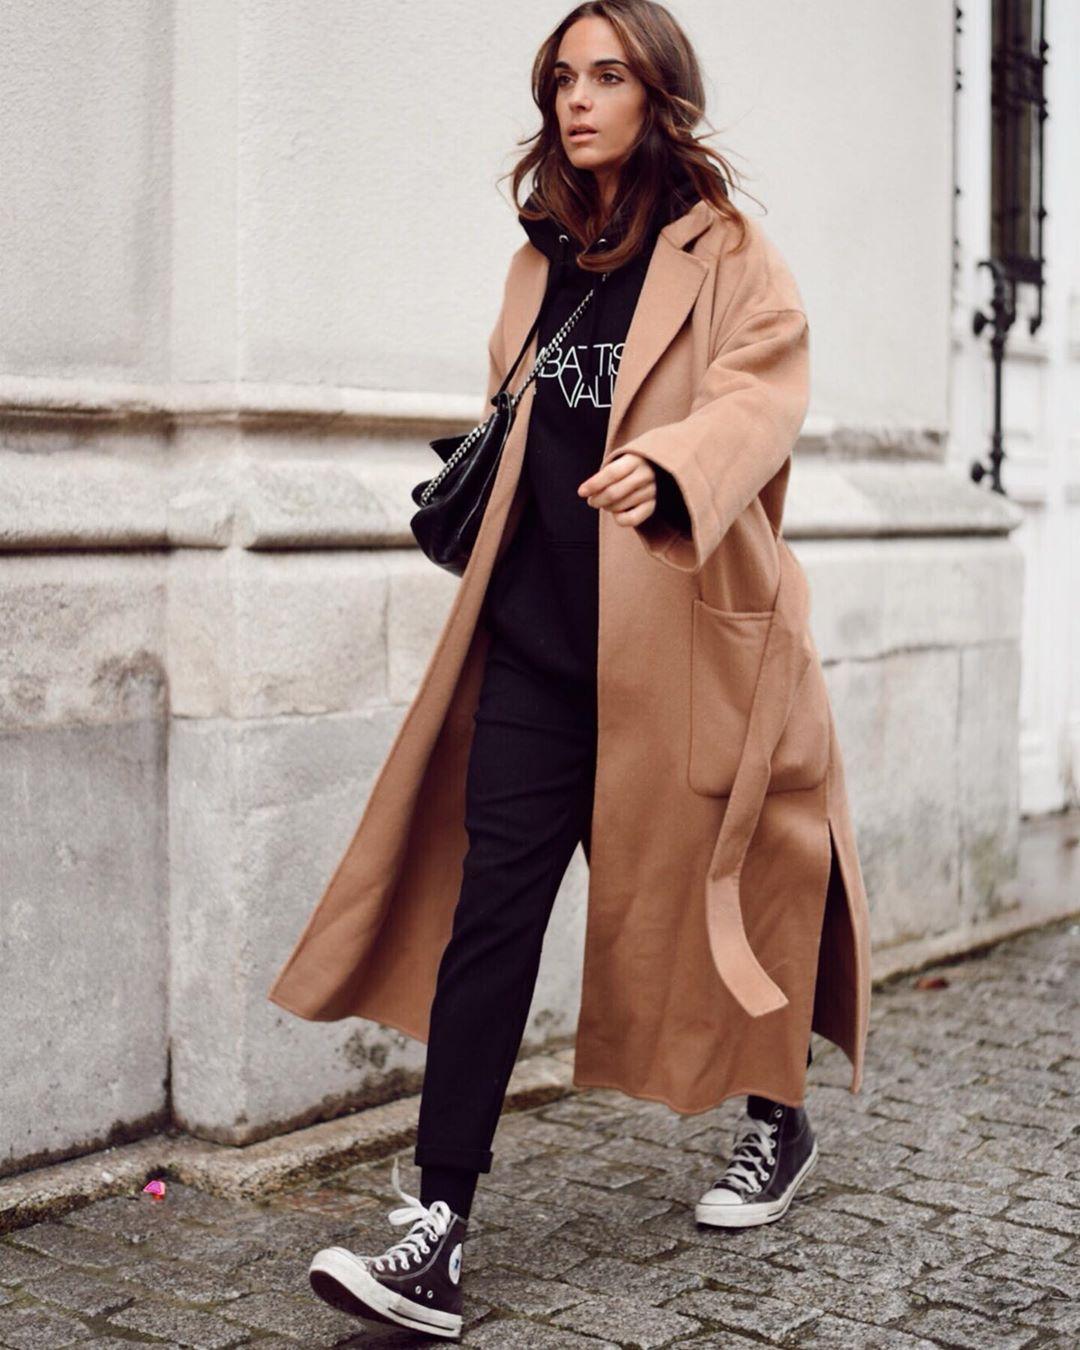 coat with patch pockets de Zara sur mariatilve